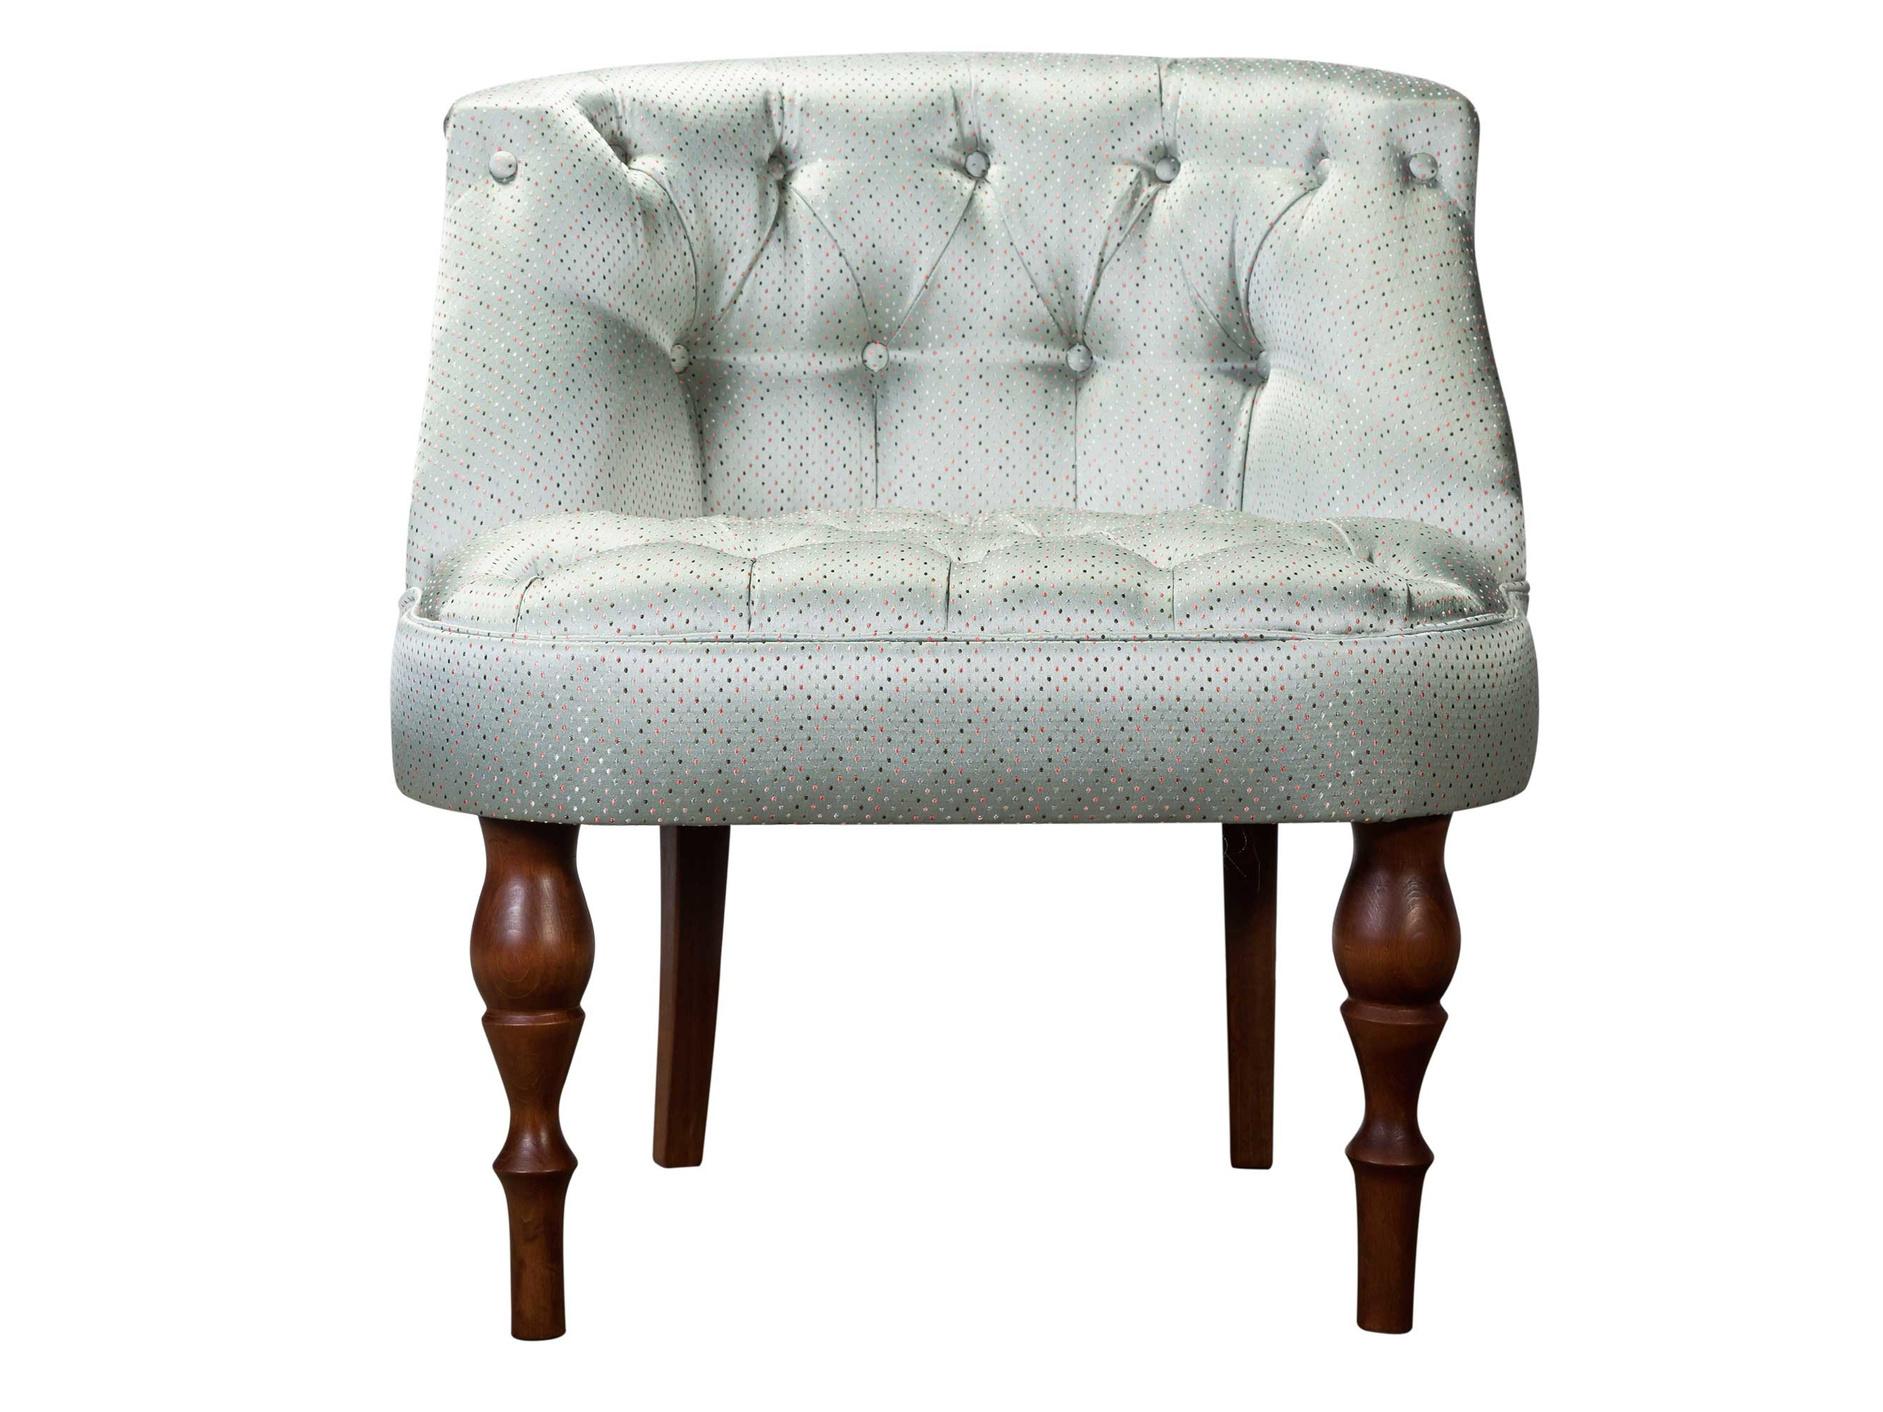 """Купить Кресло """"буржуа эко"""" (R-home) серый текстиль 68x73x64 см. 85196 в интернет магазине. Цены, фото, описания, характеристики, отзывы, обзоры"""